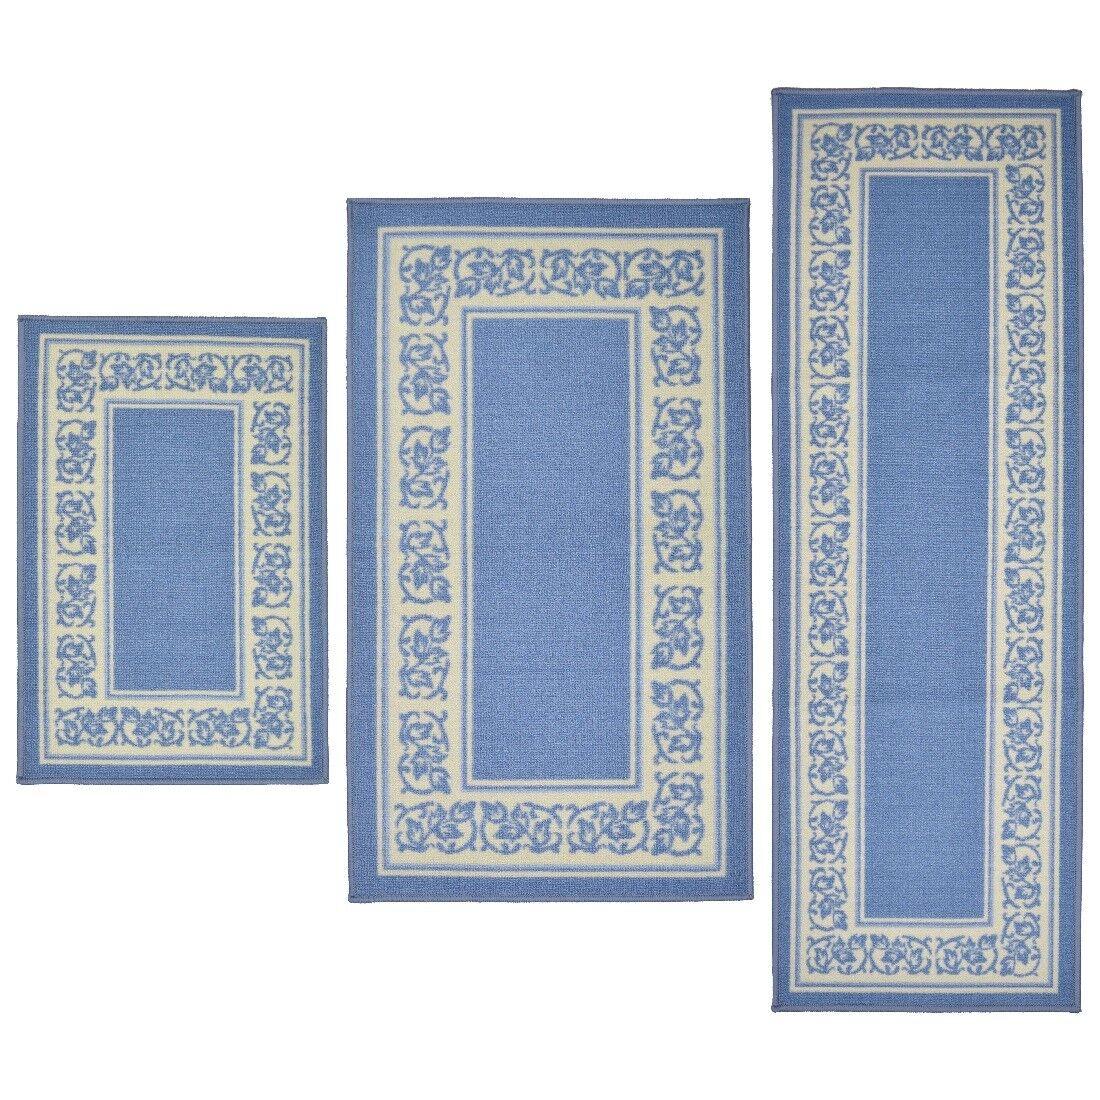 Throw Rugs 3 Piece Set Blue Kitchen Bath Bedroom Area Floor